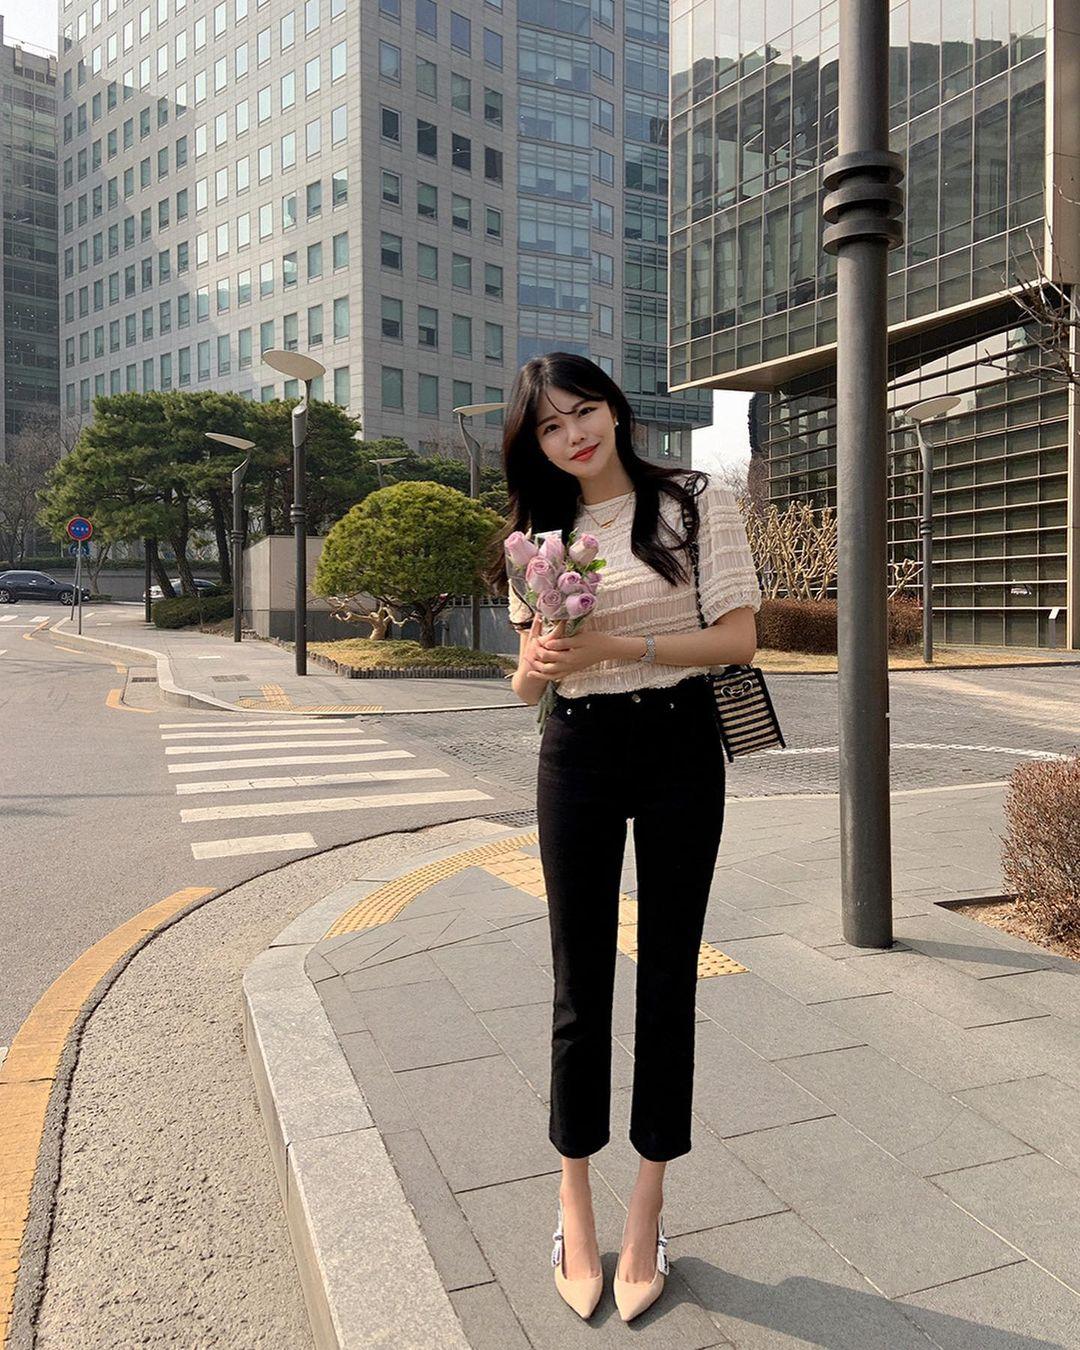 """Học nàng blogger Hàn cách diện jeans """"đỉnh của chóp"""": Vừa hack dáng vừa thanh lịch để diện đến sở làm - Ảnh 7."""